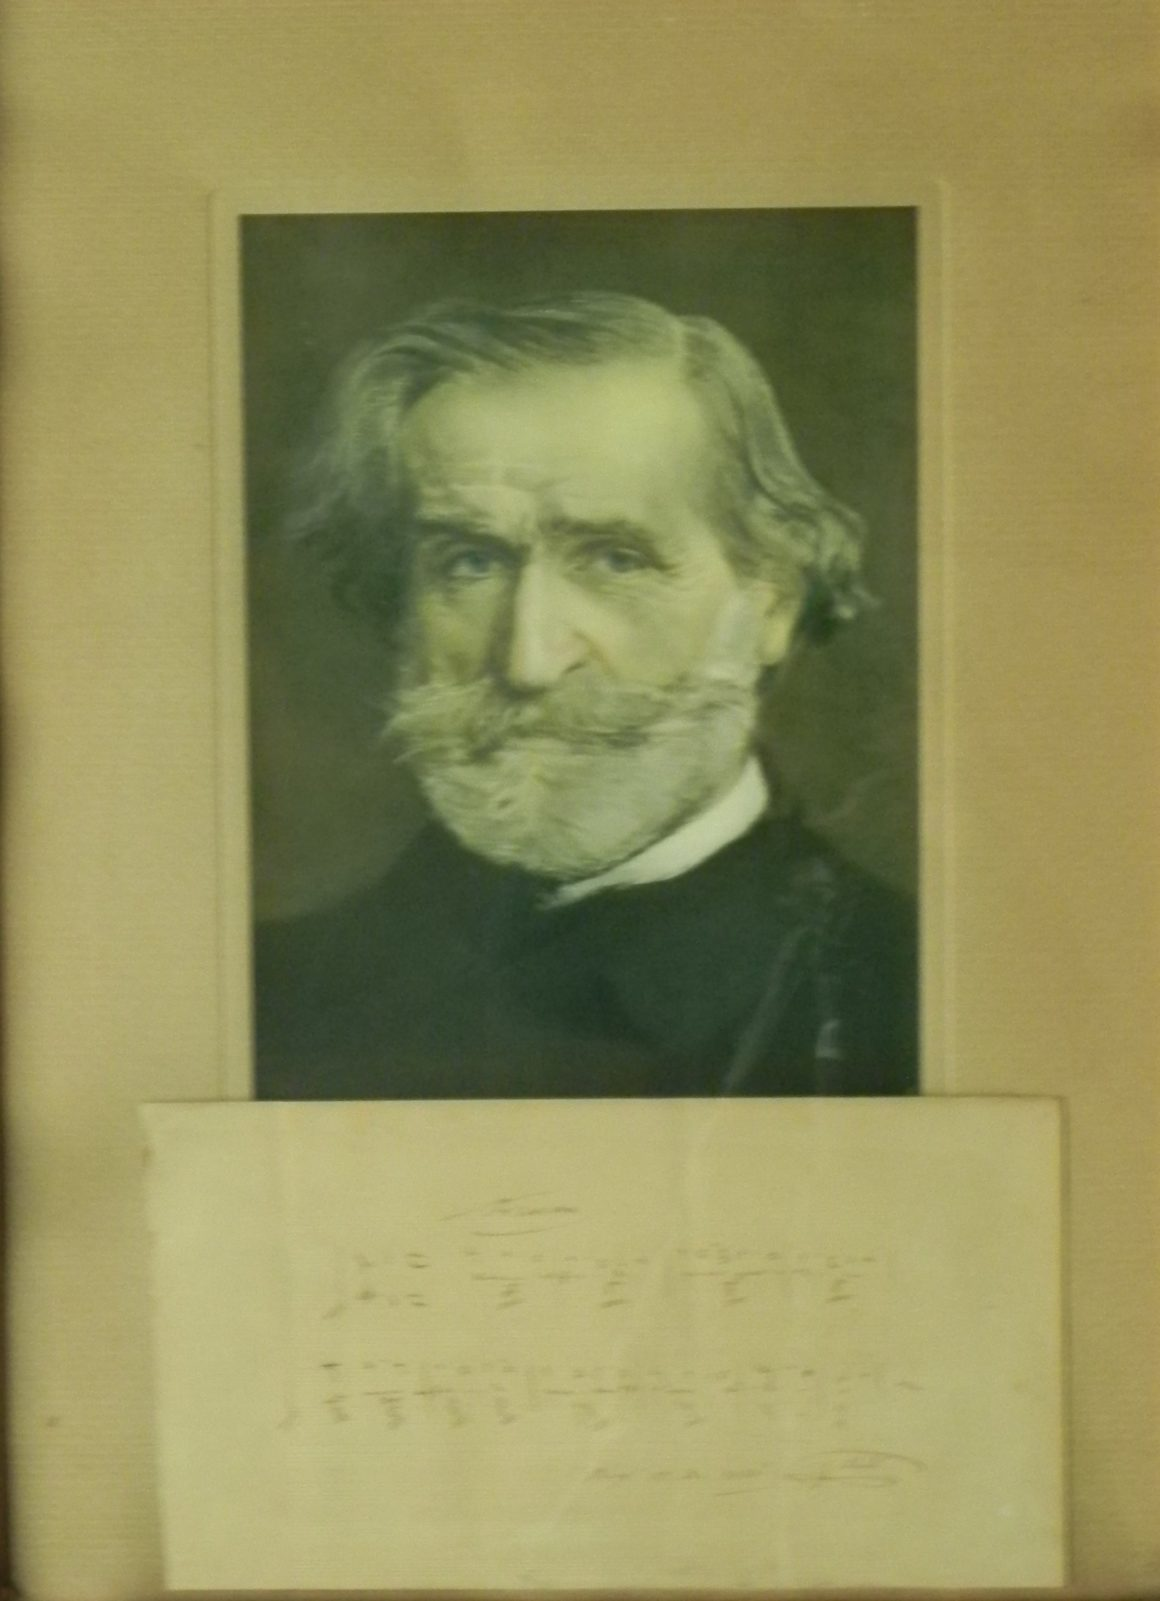 Spartito autografo della Traviata di Giuseppe Verdi, Compositore italiano